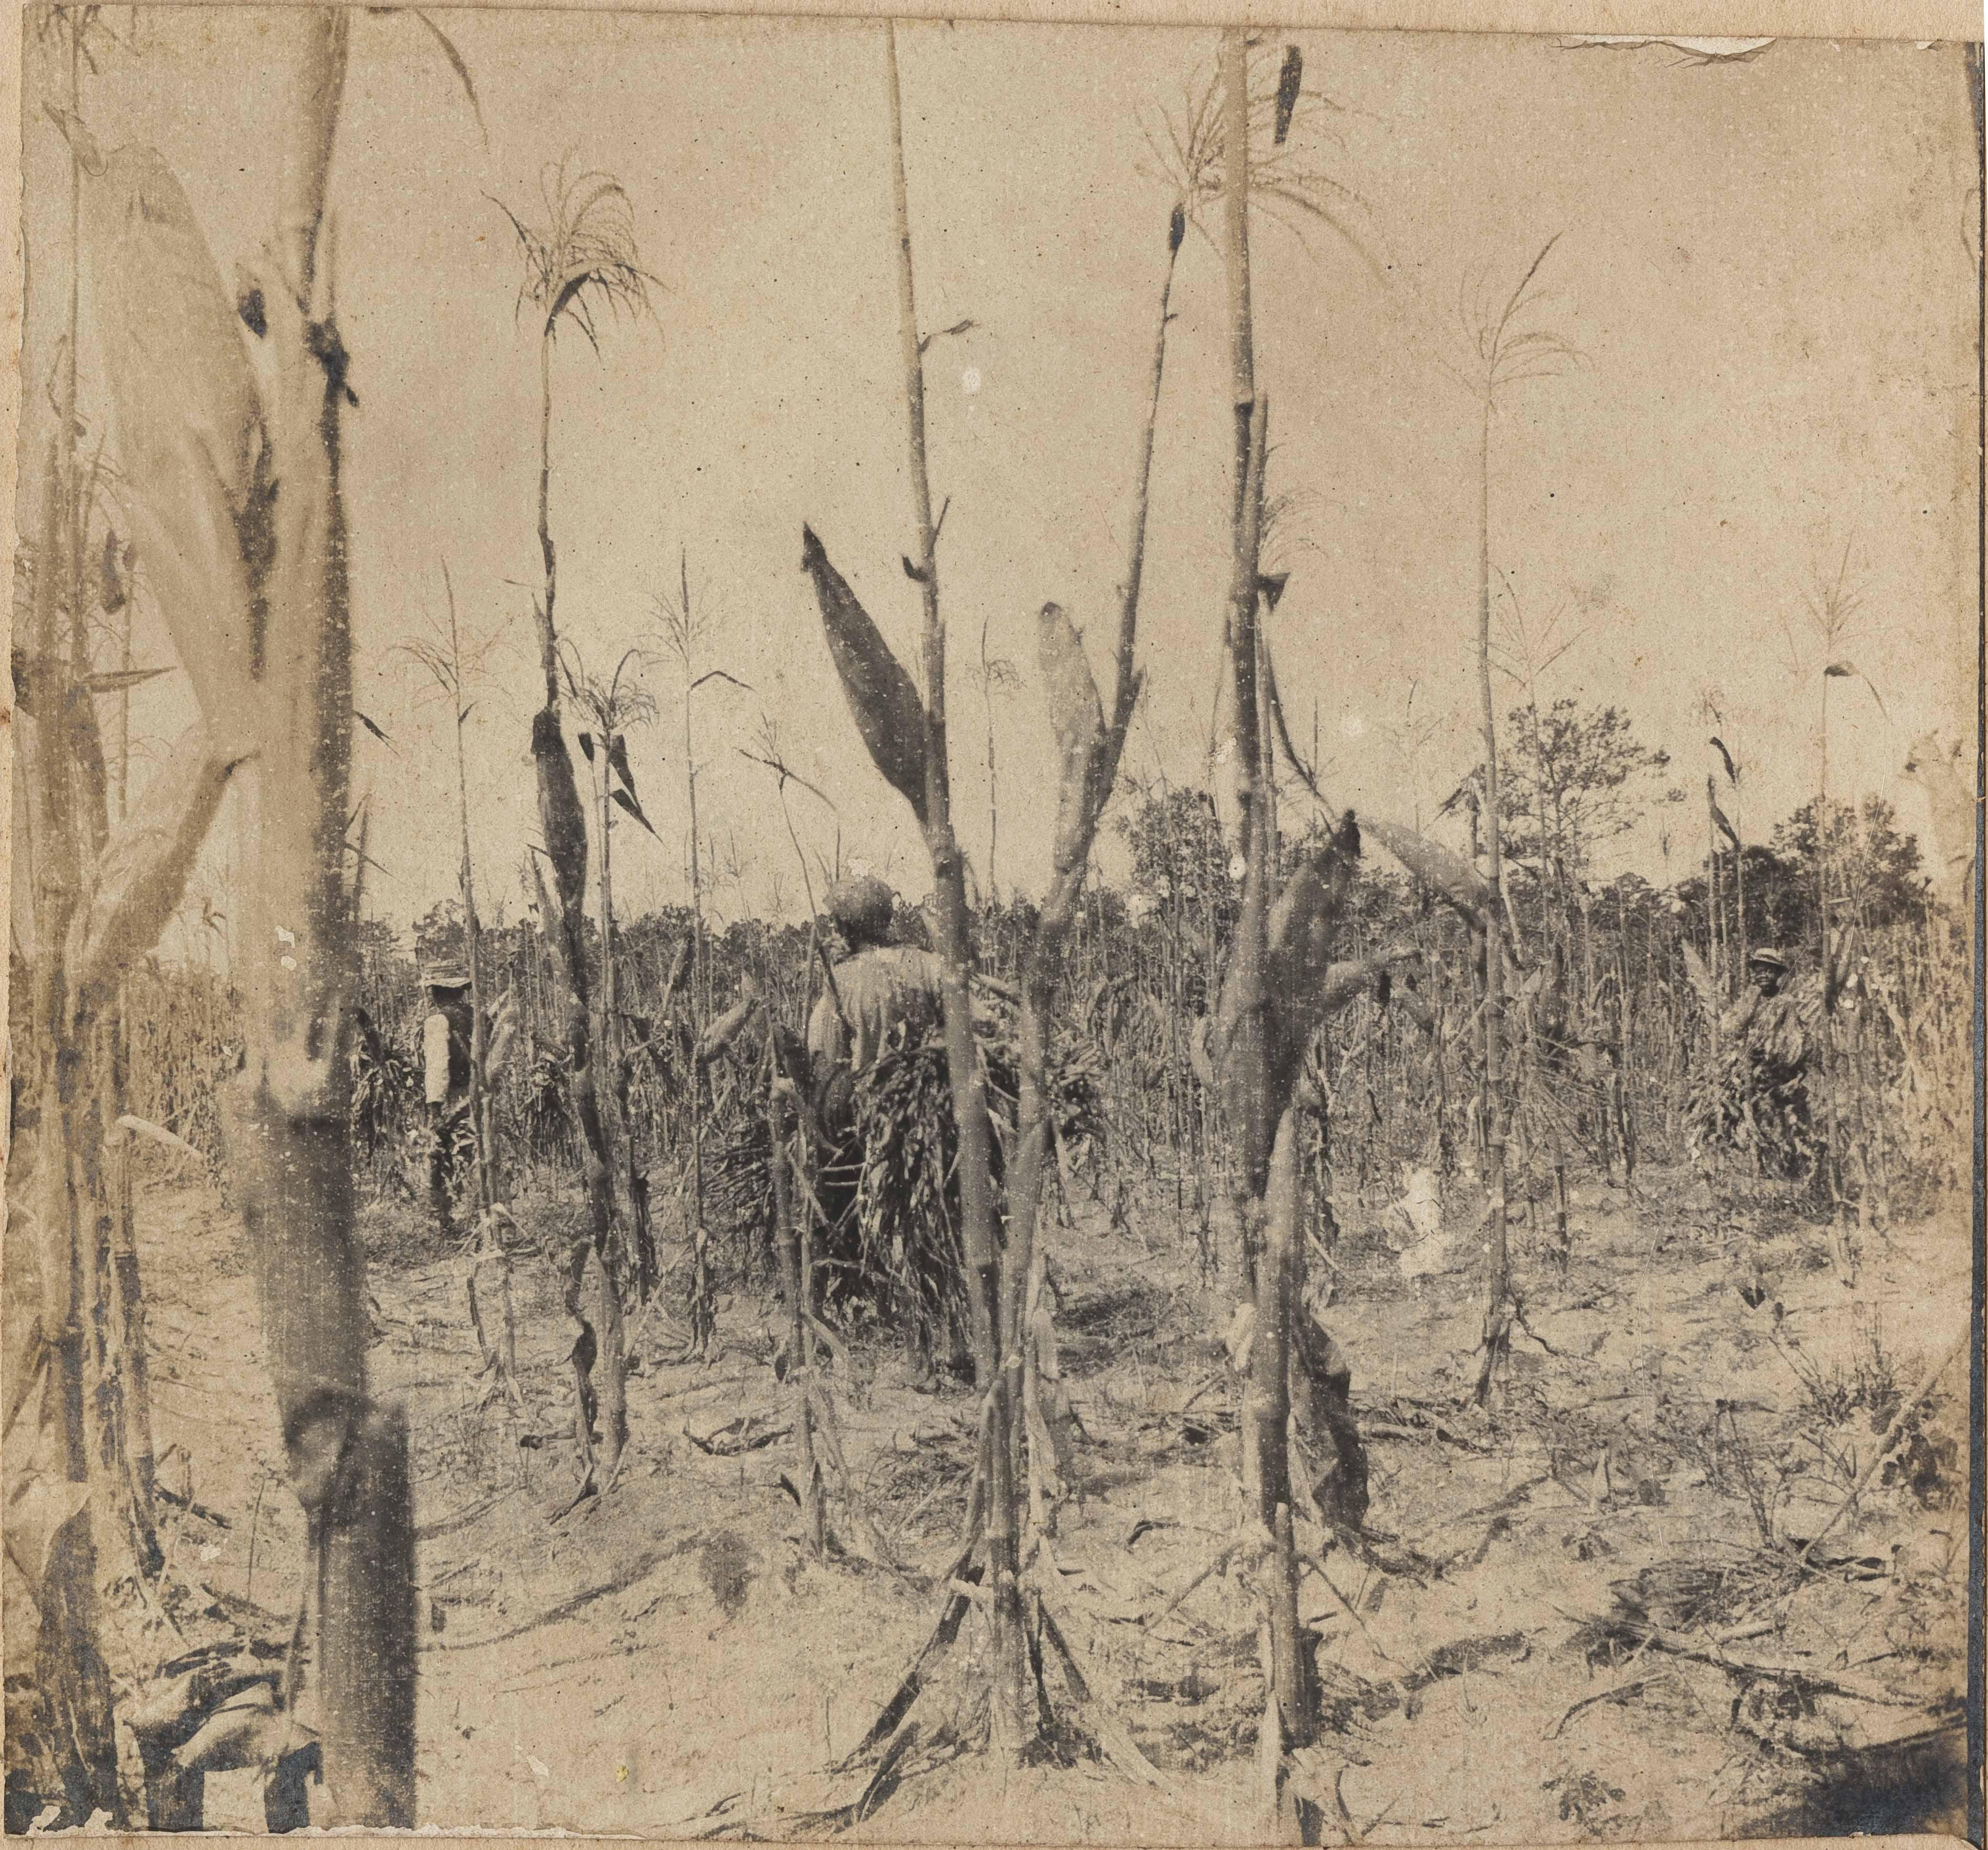 Men working in corn field